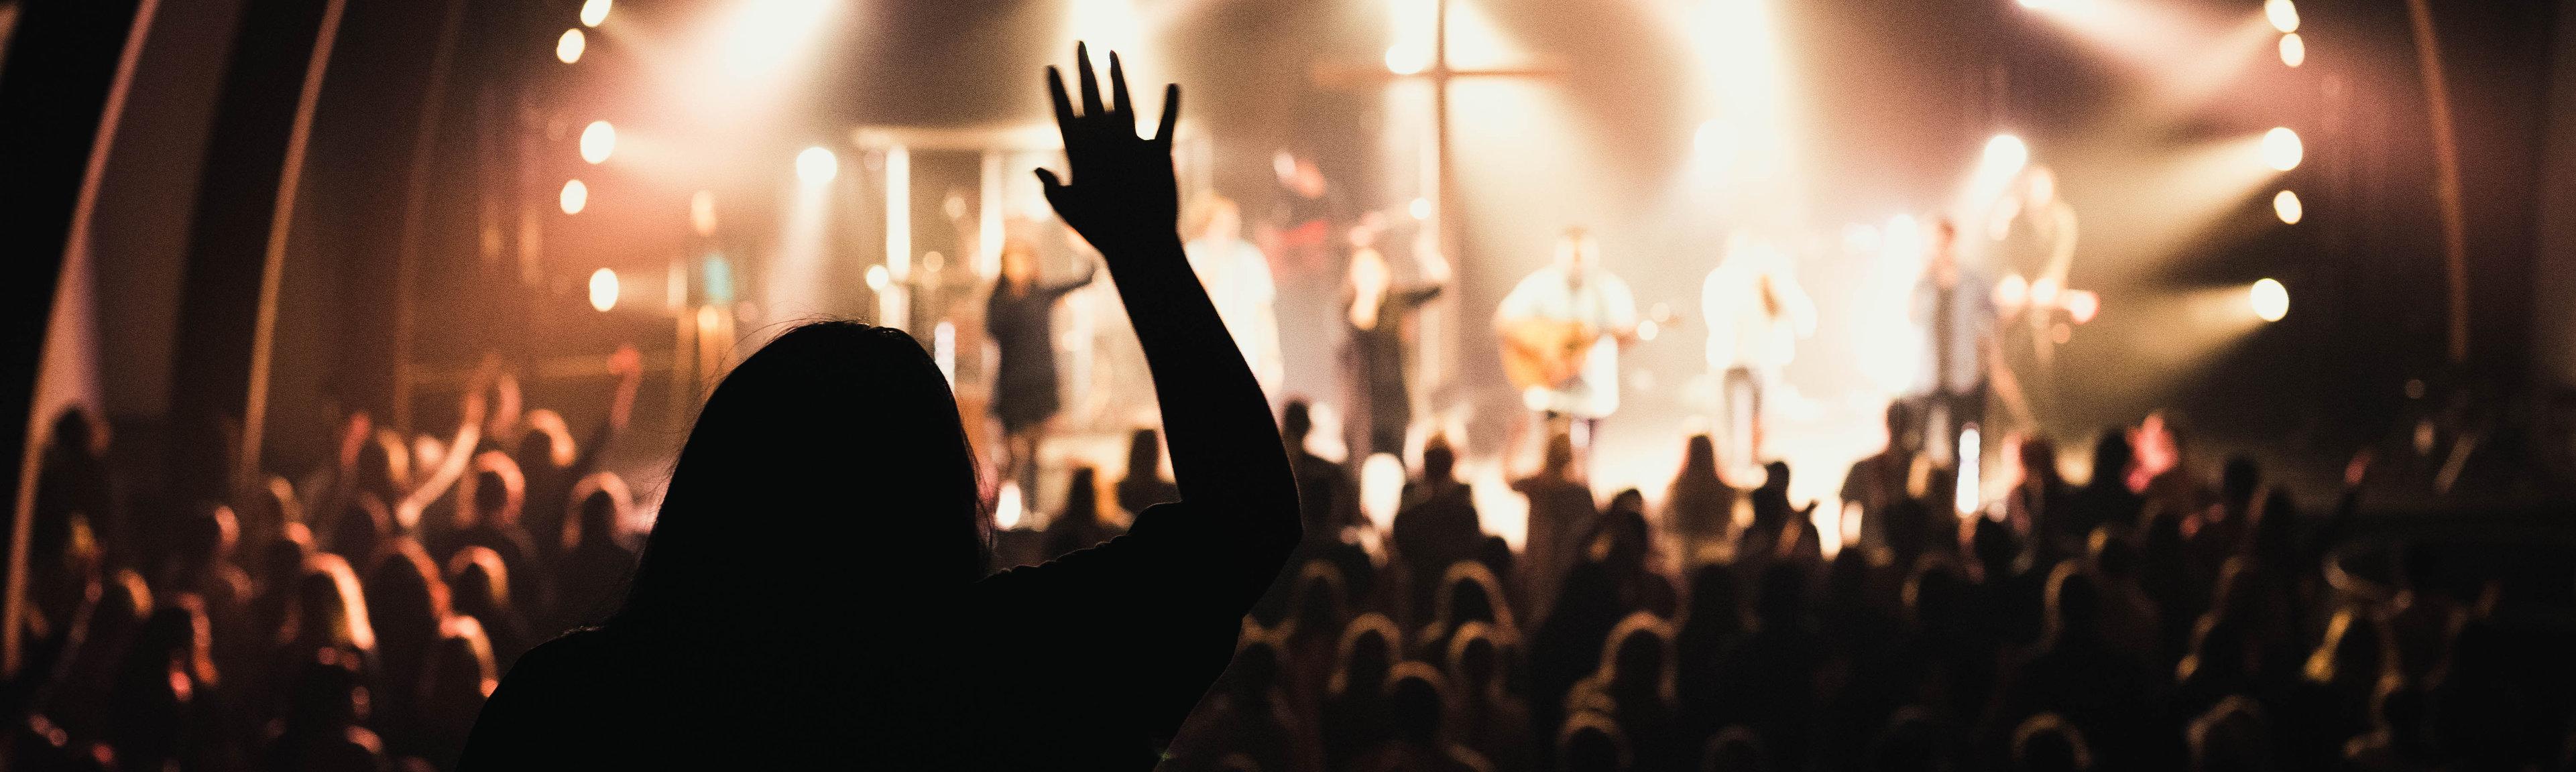 Kein Gottesdienst am Sonntag